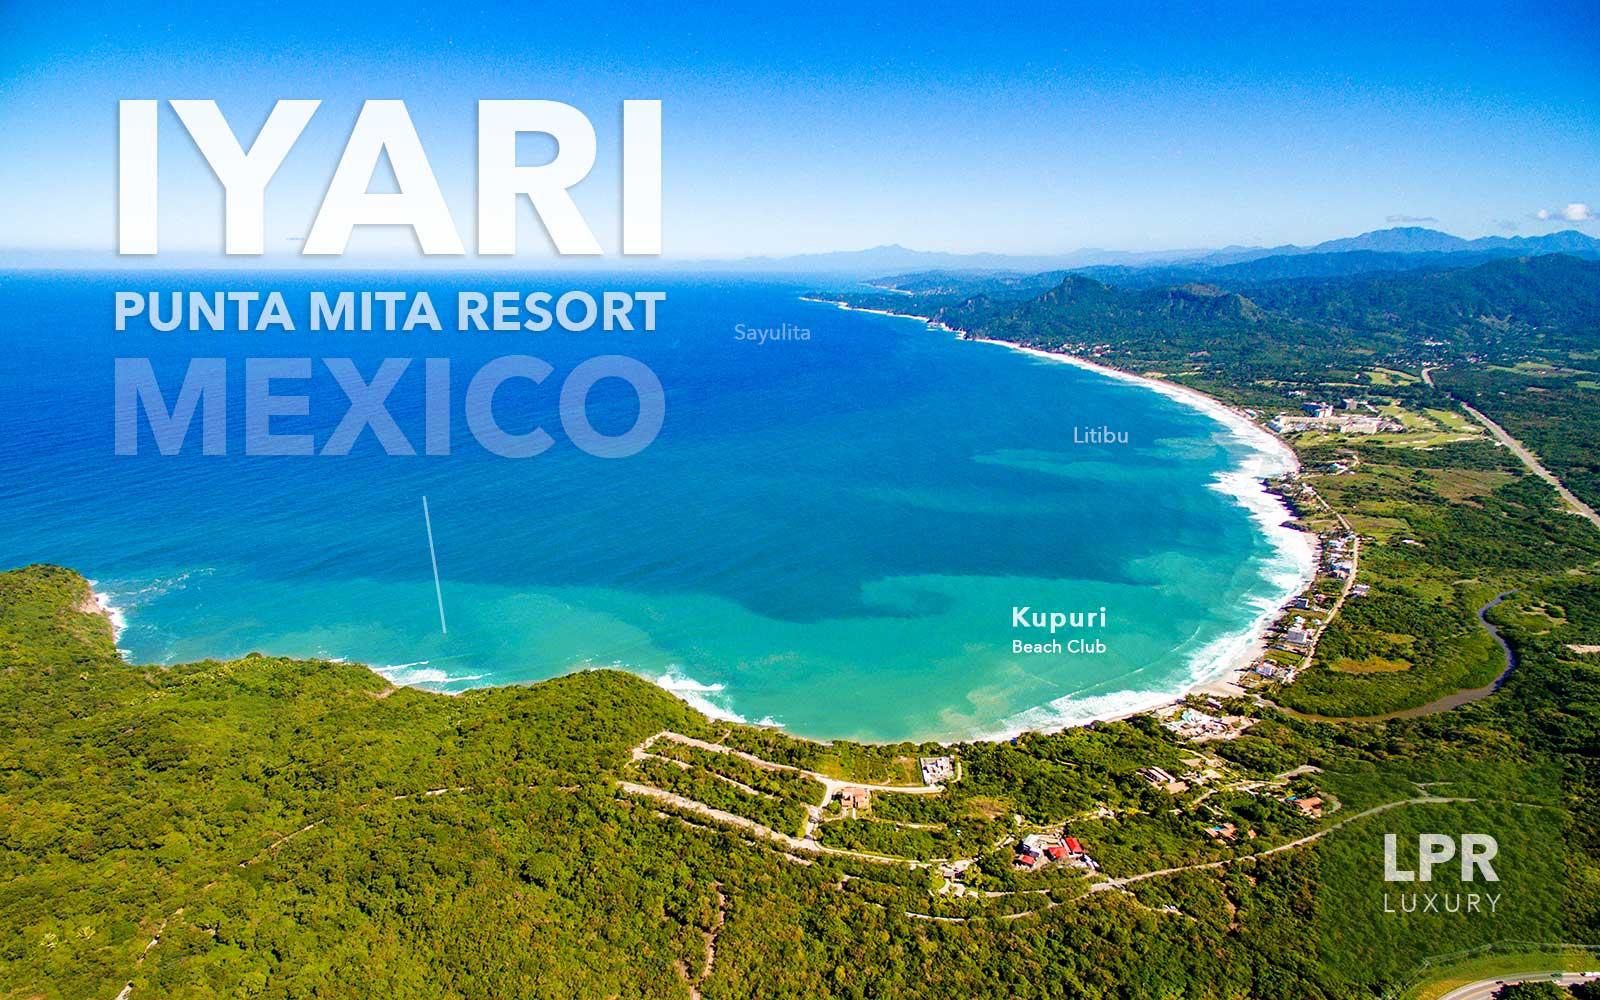 IYARI - Punta Mita Resort Real Estate